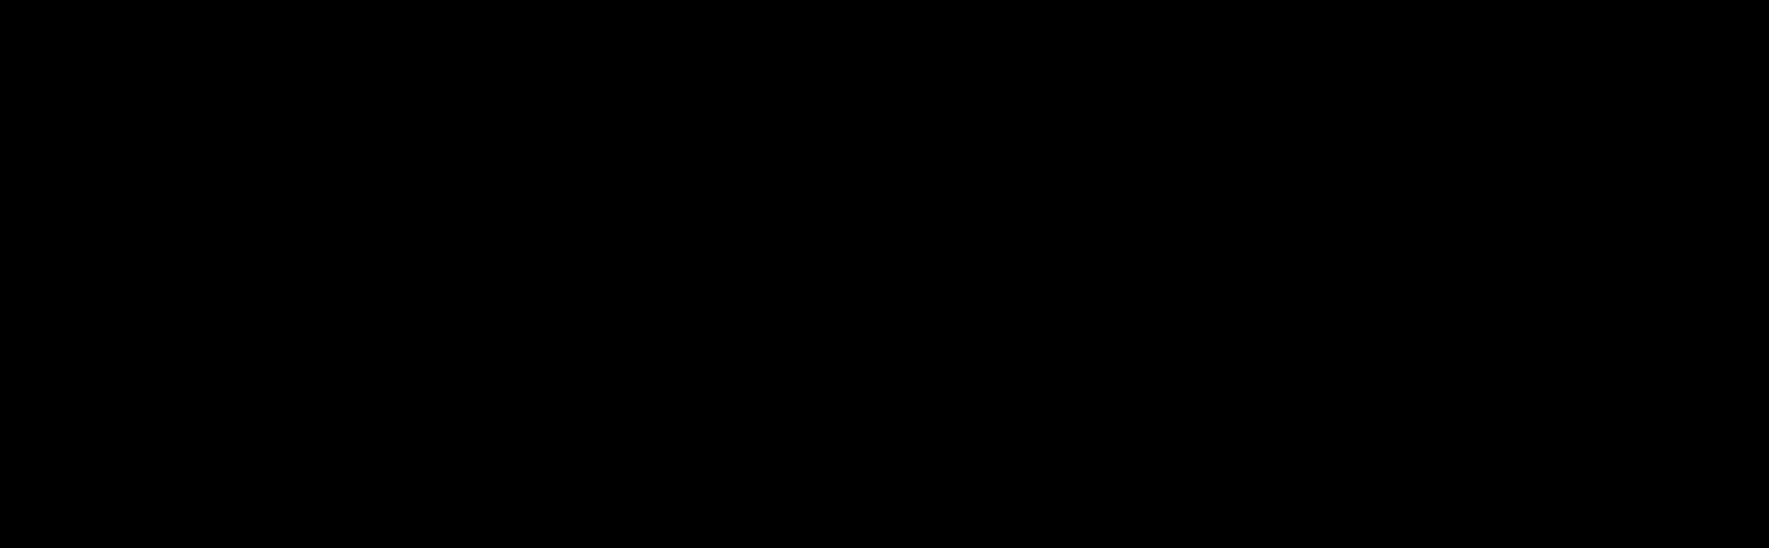 3-β-D-Glucopyranosyl isoferulic acid-d<sub>3</sub>